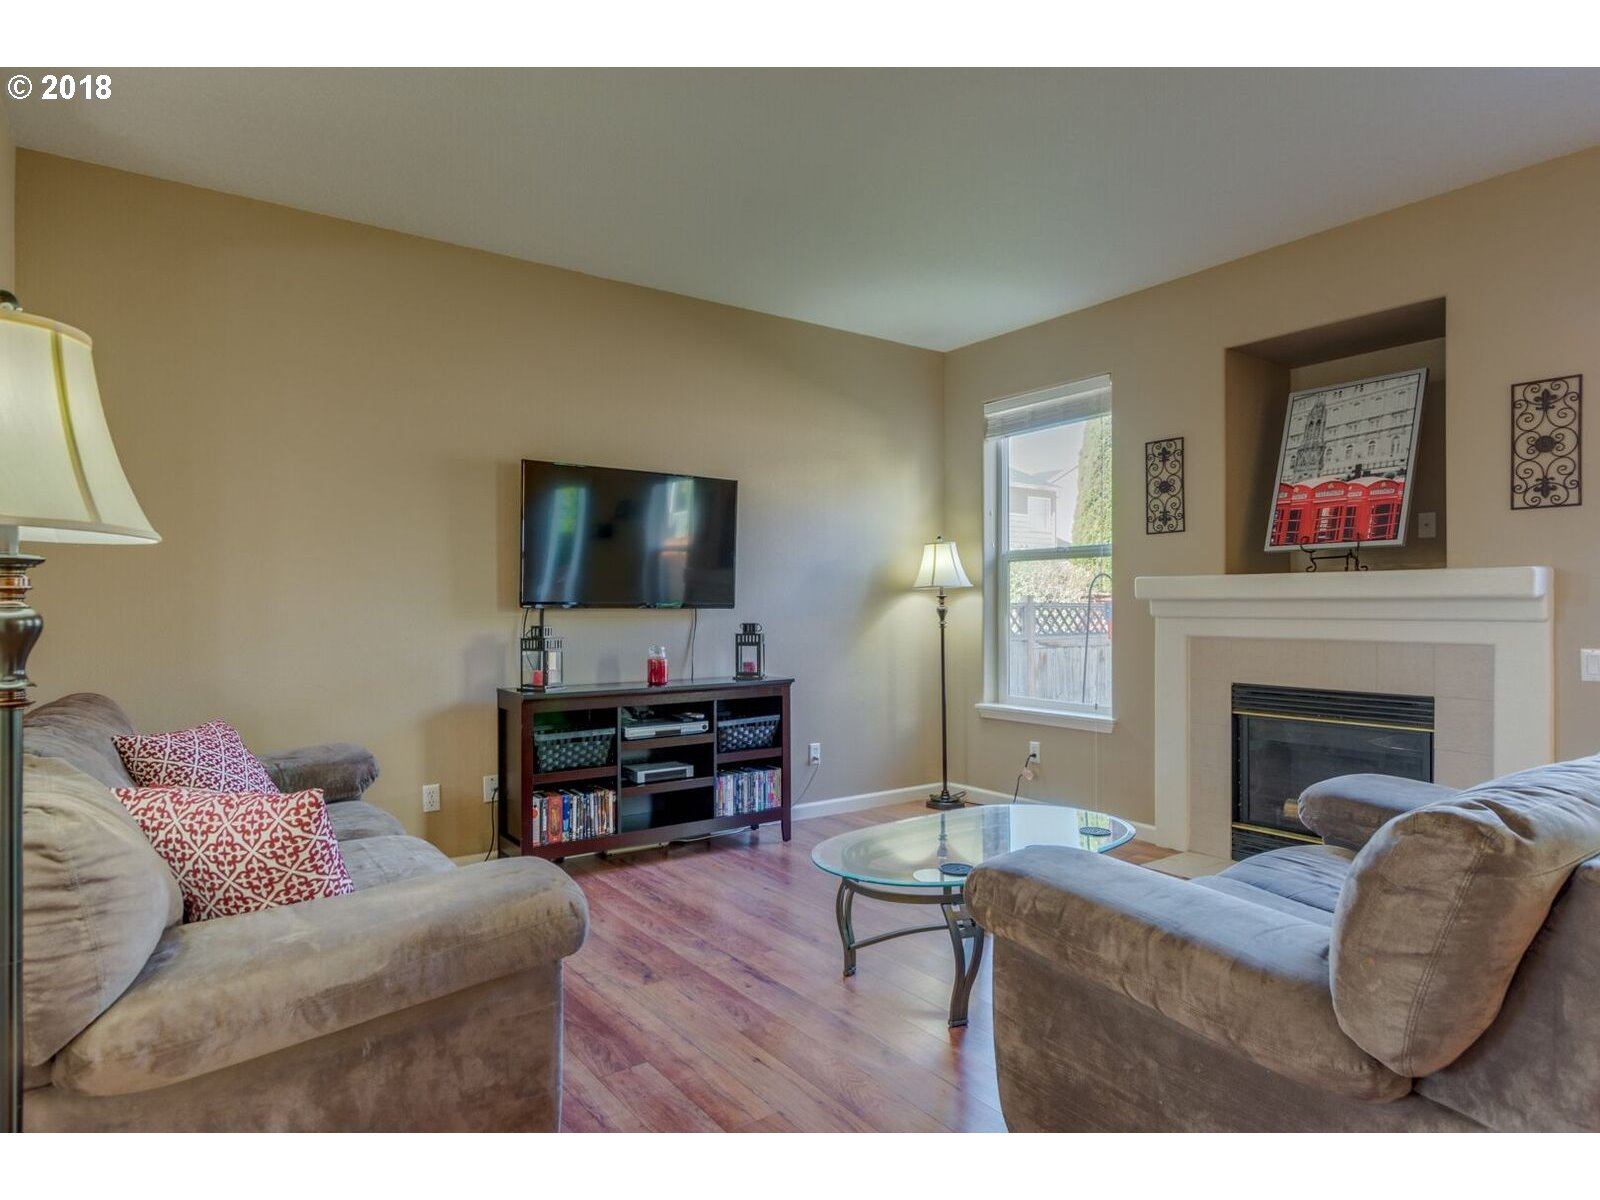 727 NW HERTEL ST Hillsboro, OR 97124 - MLS #: 18588462